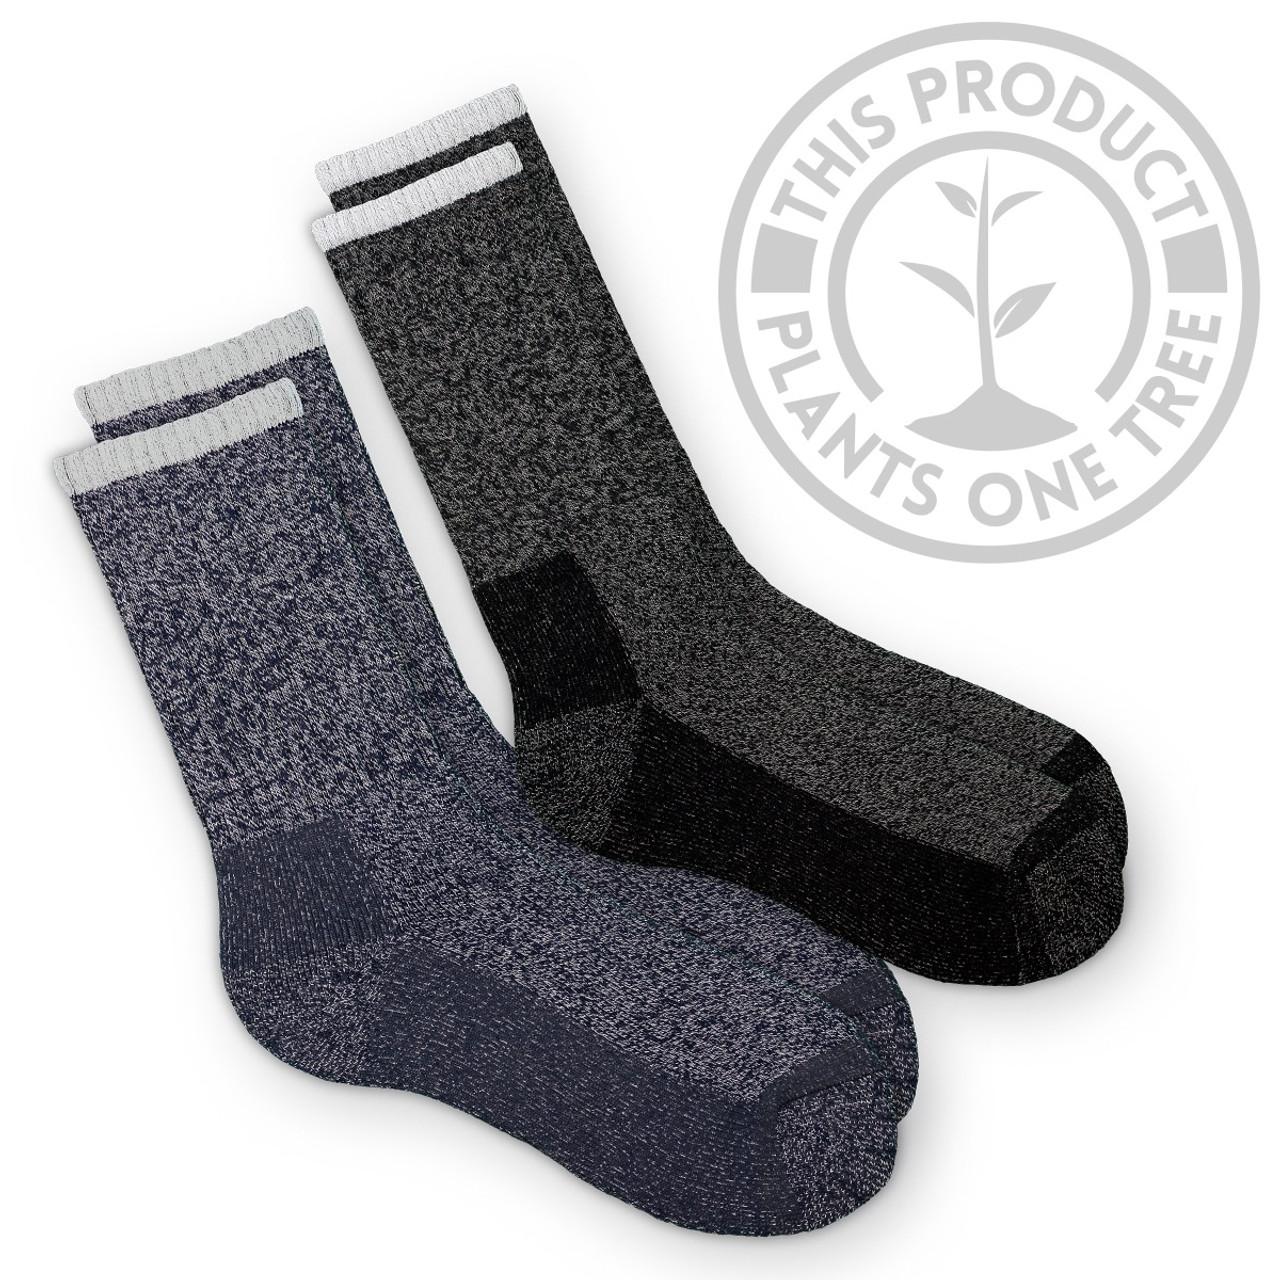 Men/'s Super Warm Heavy Duty Thermal Merino Wool Winter Work Socks ONE SIZE